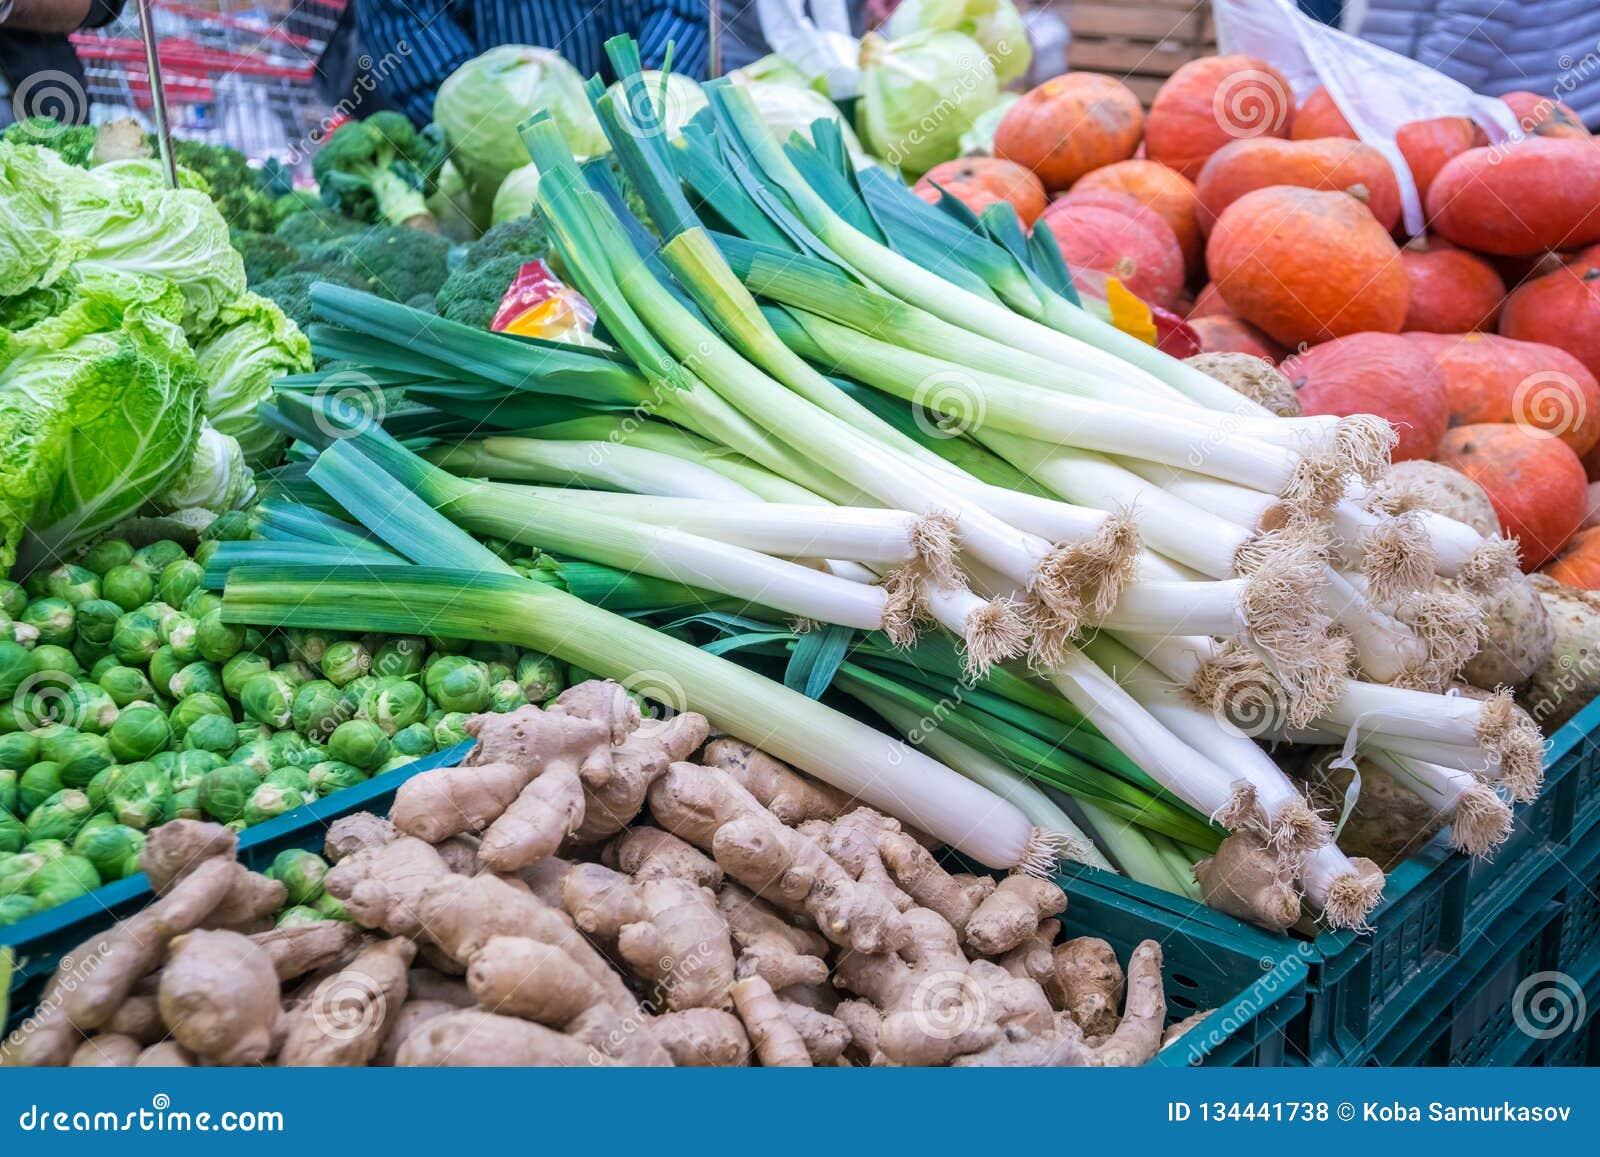 Лук-порей и verious овощи для продажи на рынке